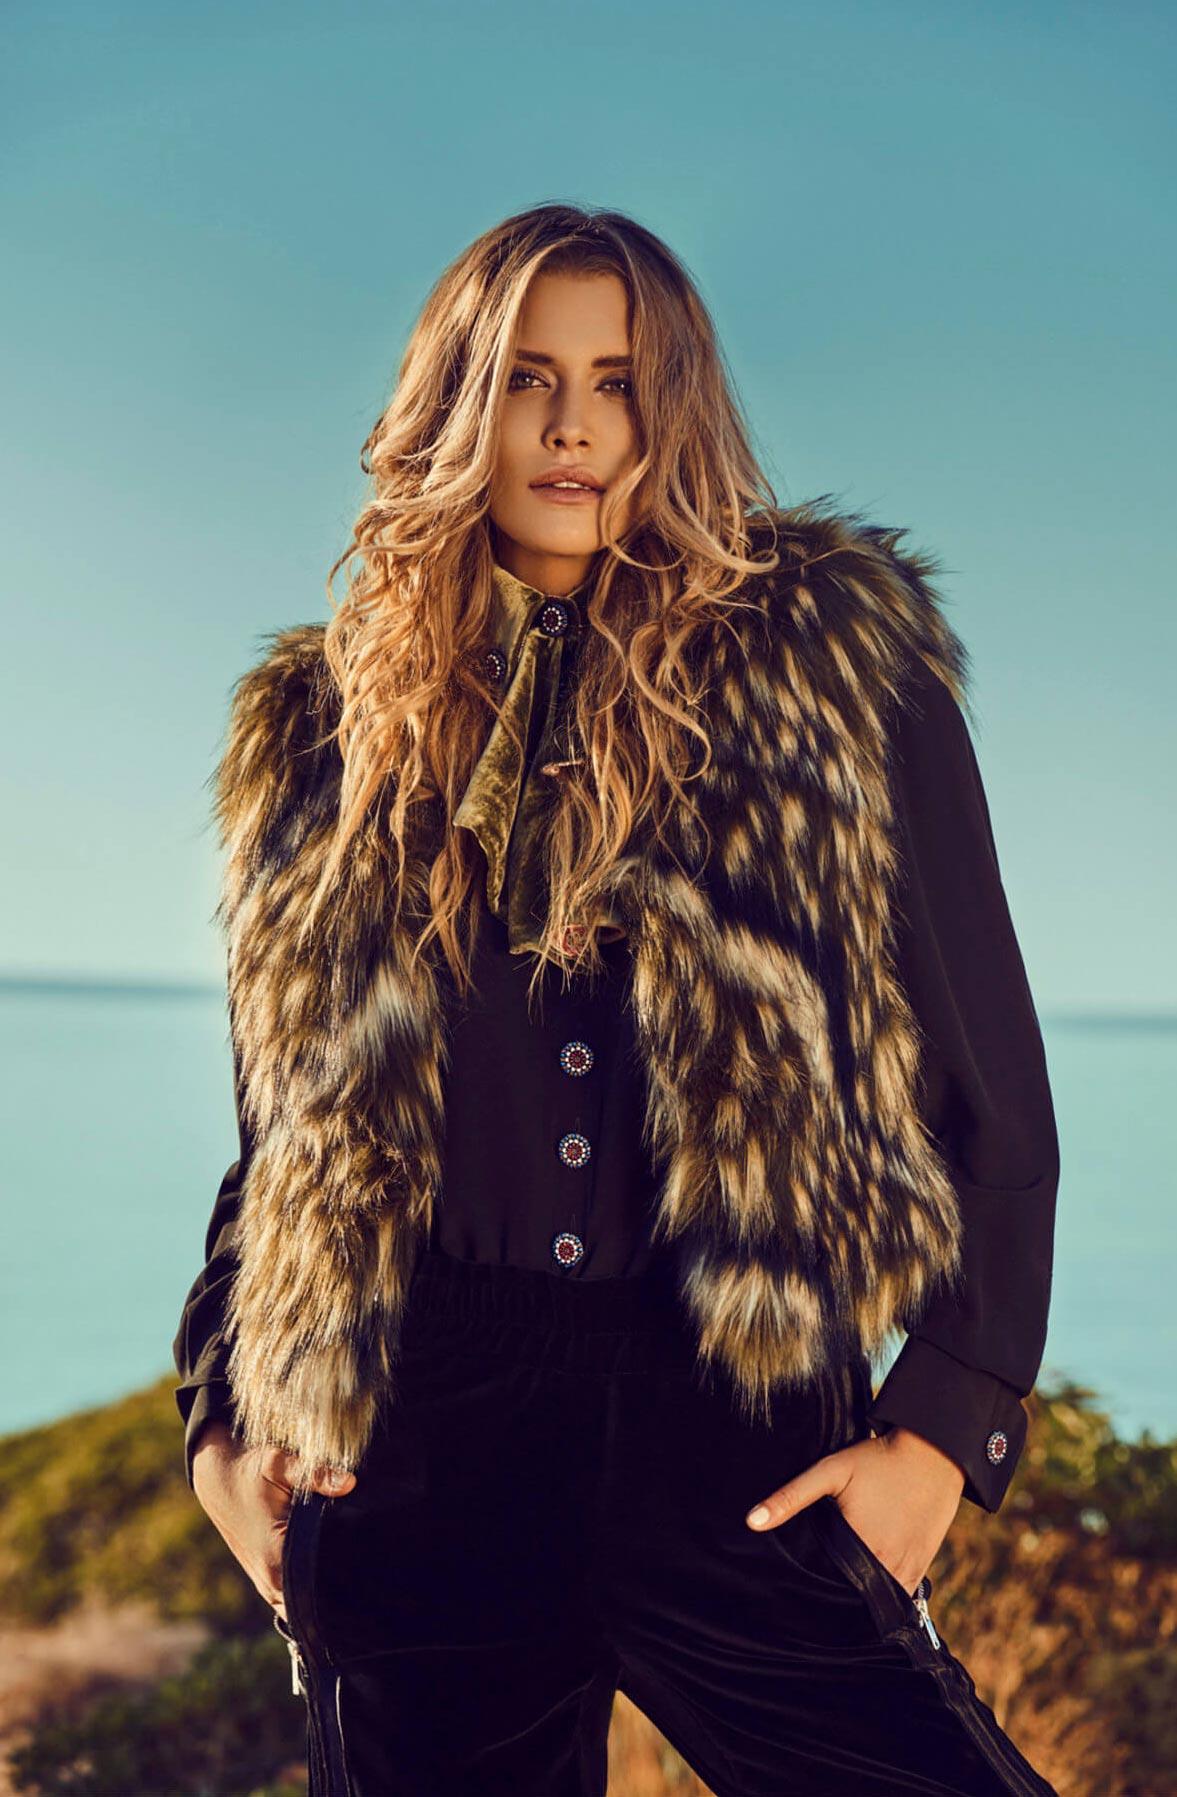 Cheyenne Tozzi by Stefan Imielski / Harper's Bazaar Bulgaria December 2017